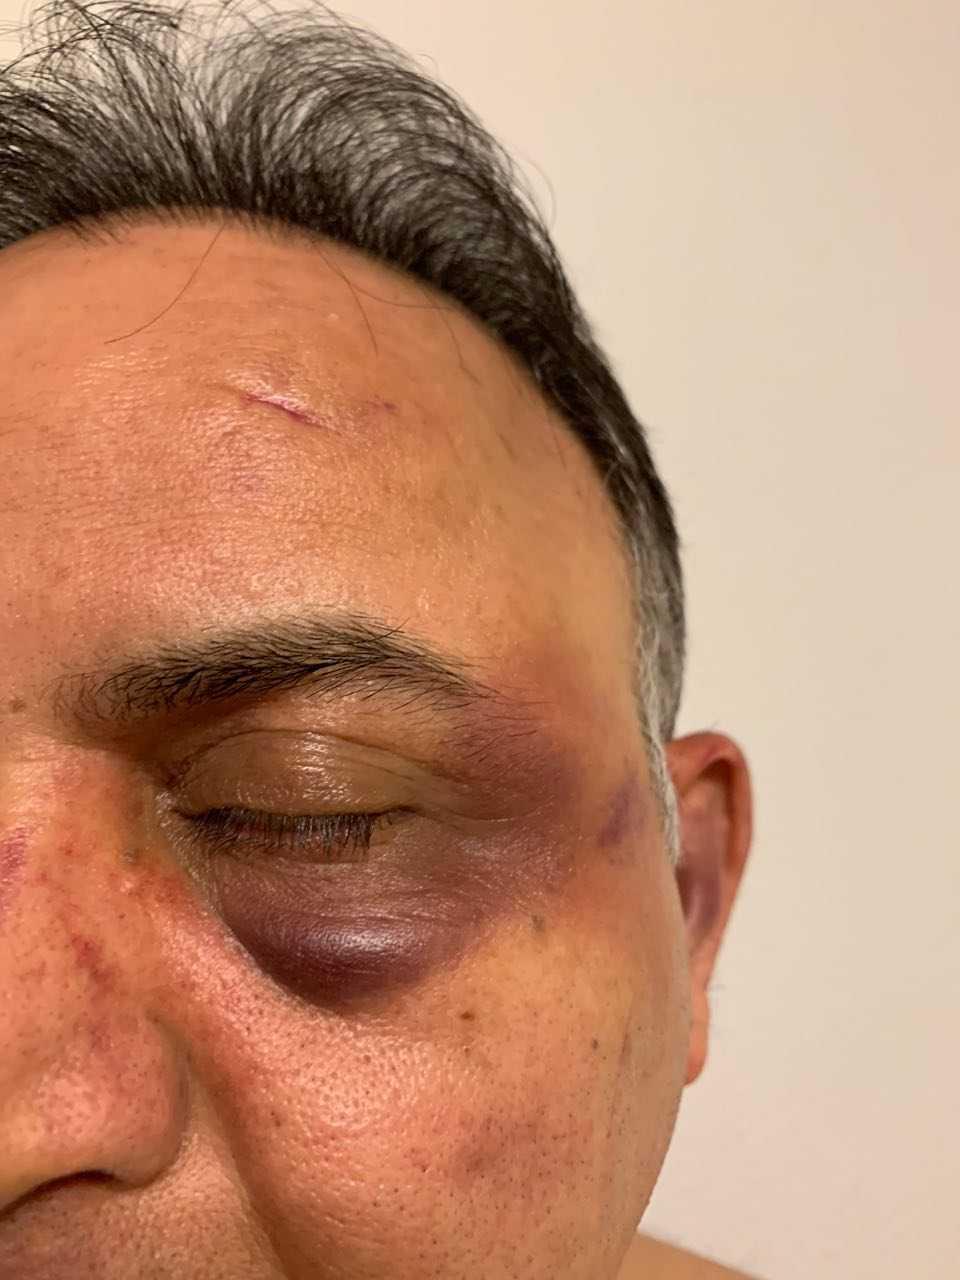 Behnam Shiravand vågade inte åka tillbaka till akuten i Malmö efter misshandeln. I stället tog han sig till Lund för att undersökas.